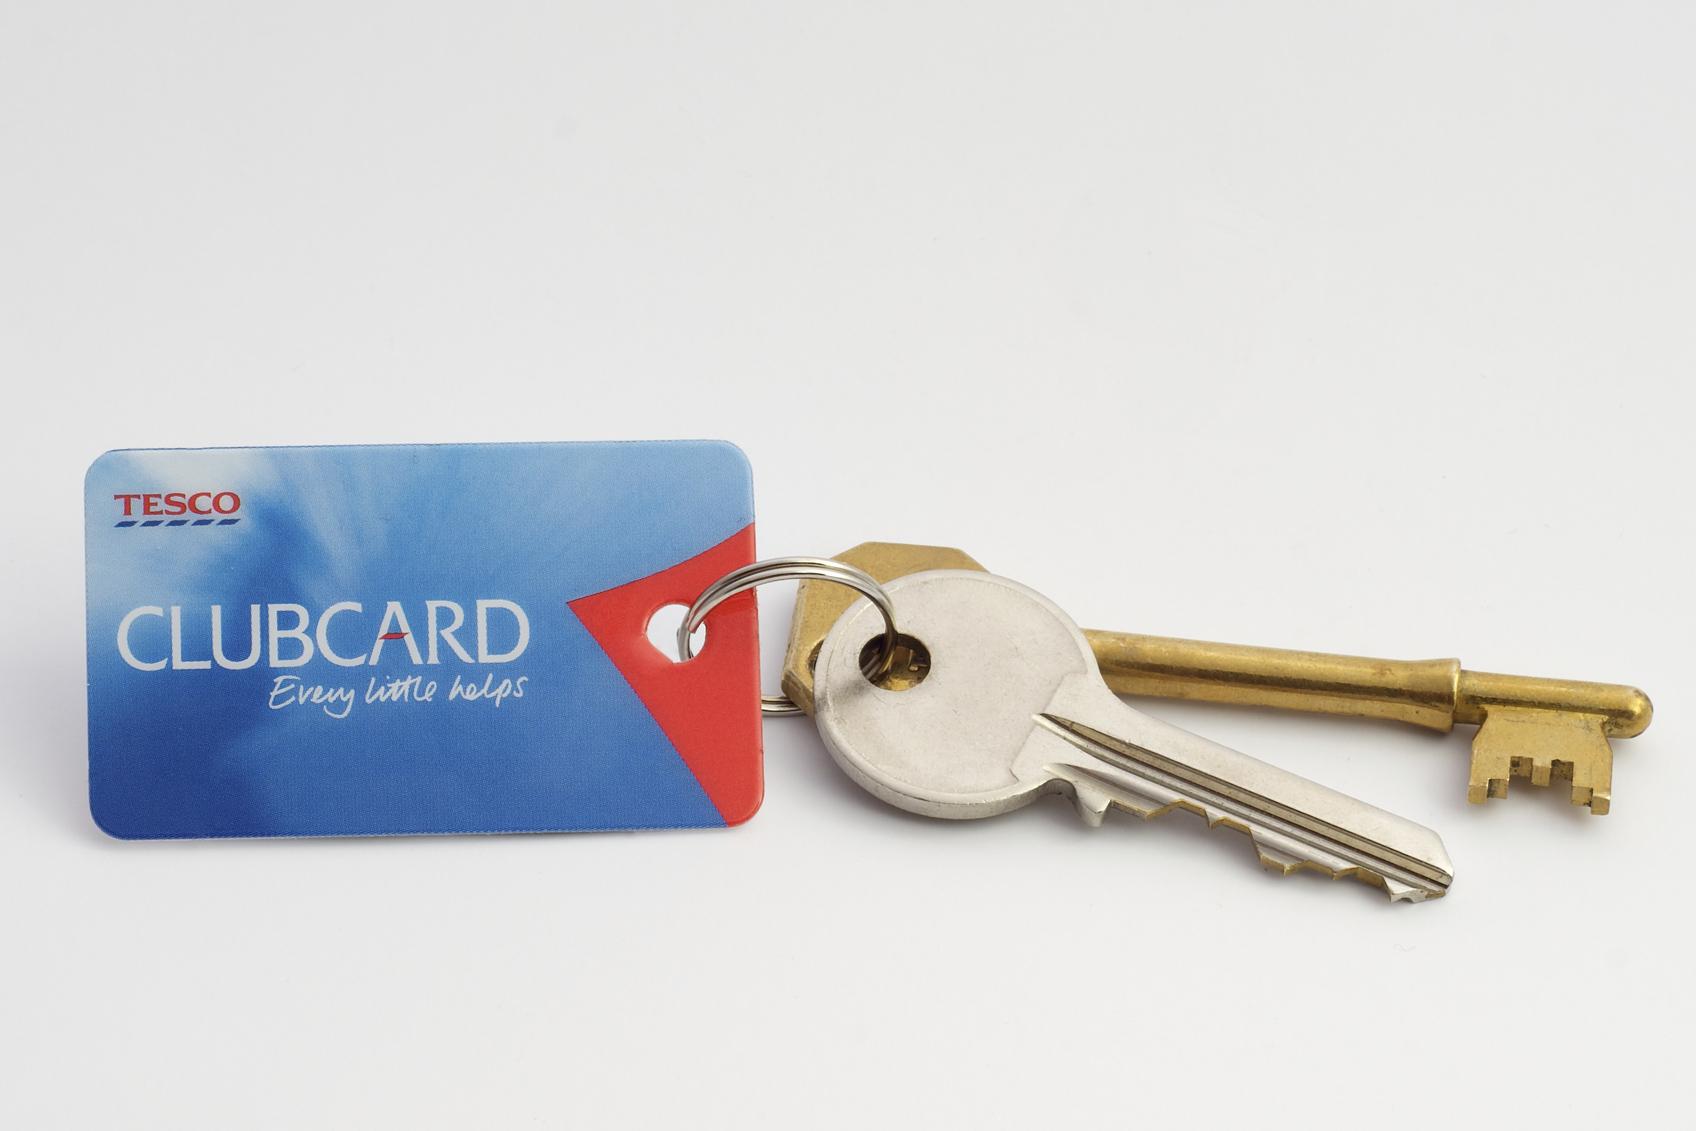 Tesco, Clubcard, keys